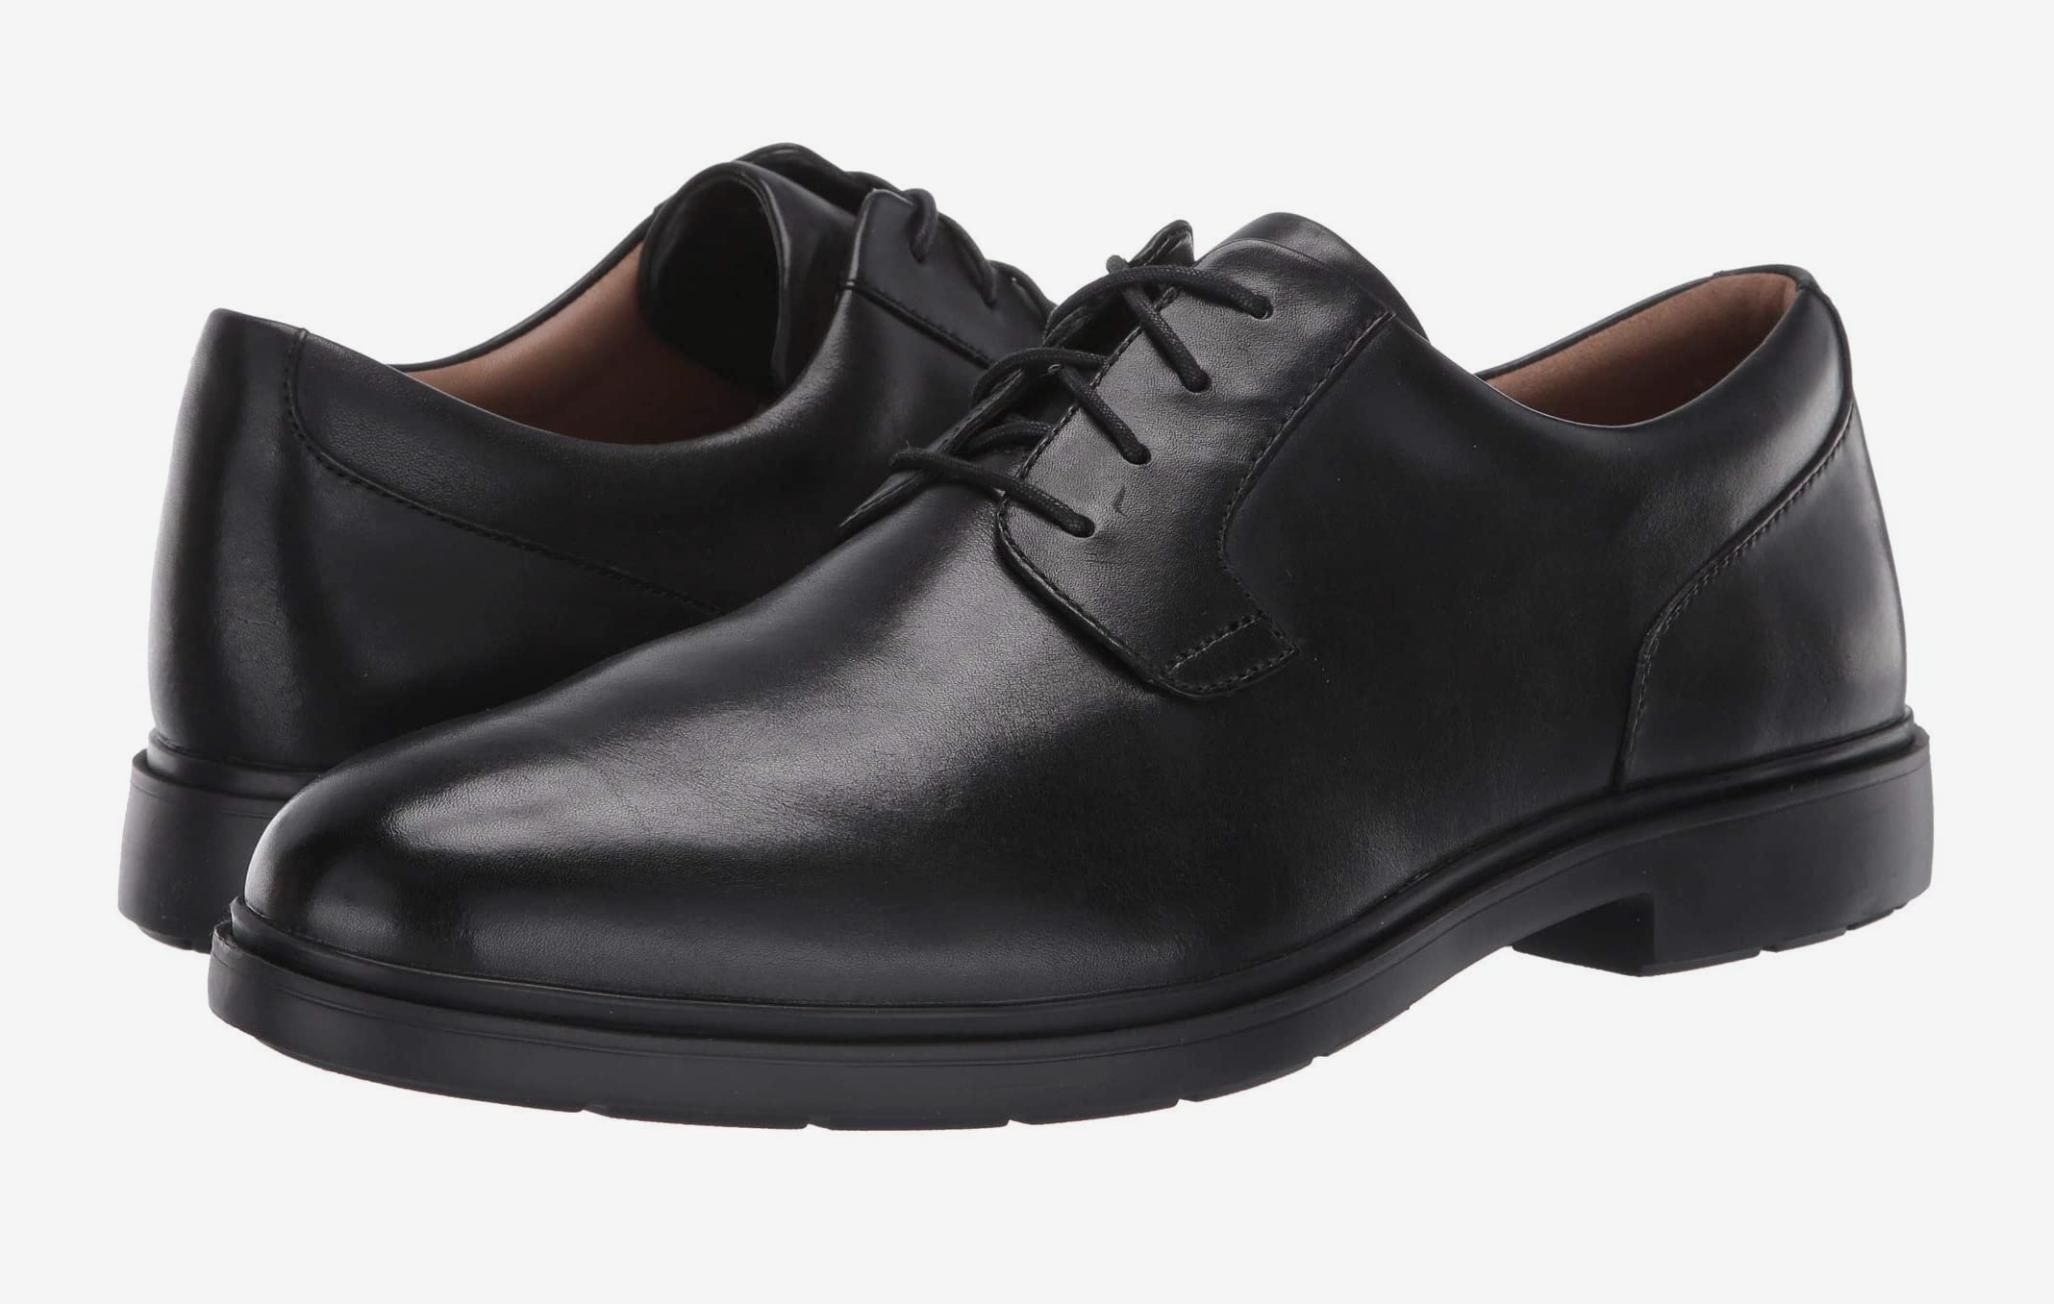 Clarks Un Tailor Tie, most comfortable dress shoes